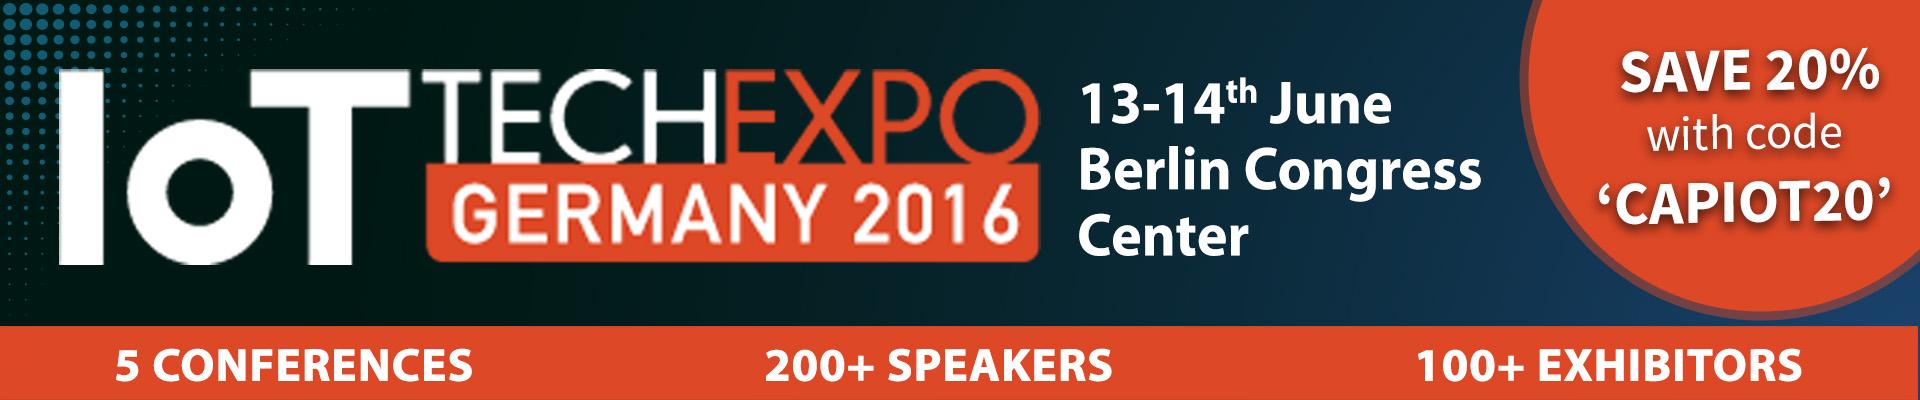 IoT Tech Expo Germany 2016 Berlin